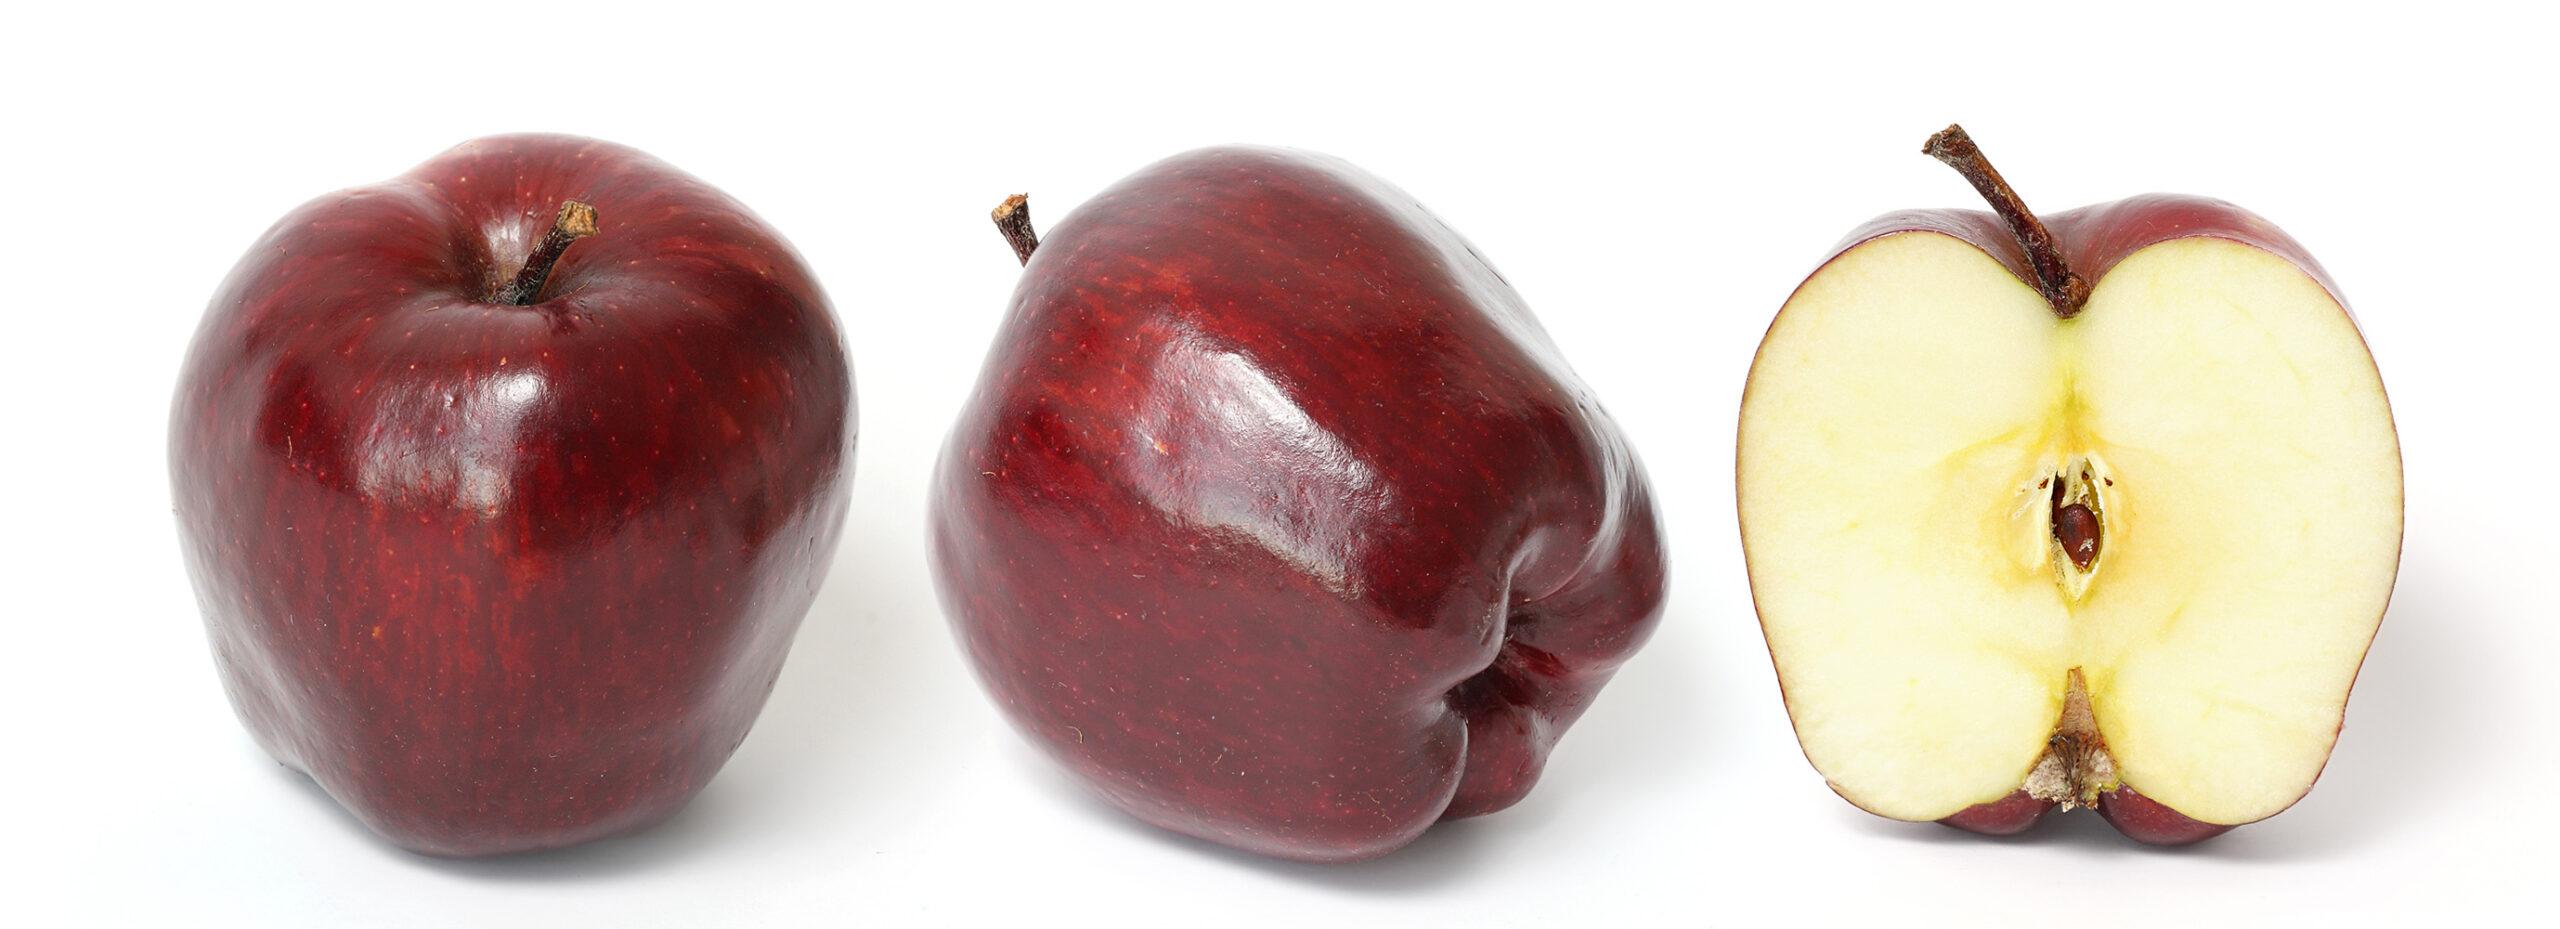 تفاح أحمر اللون